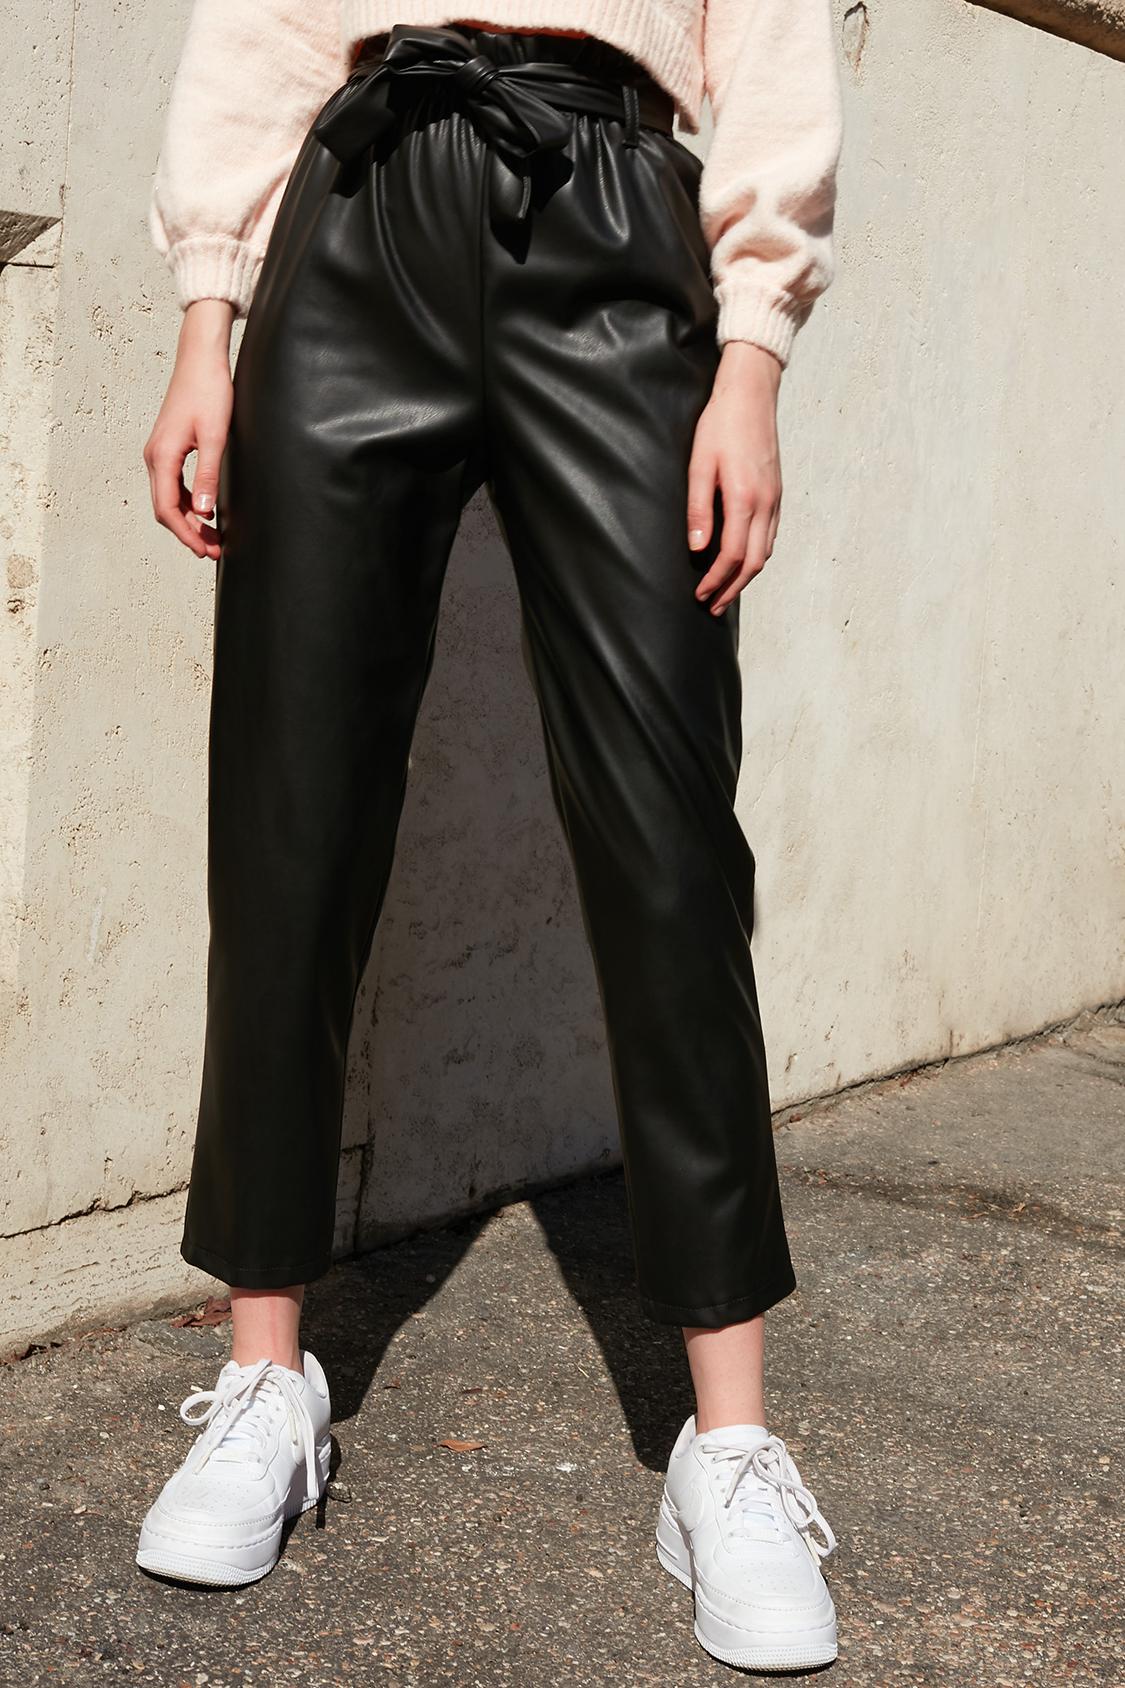 Pantalones con cinturón